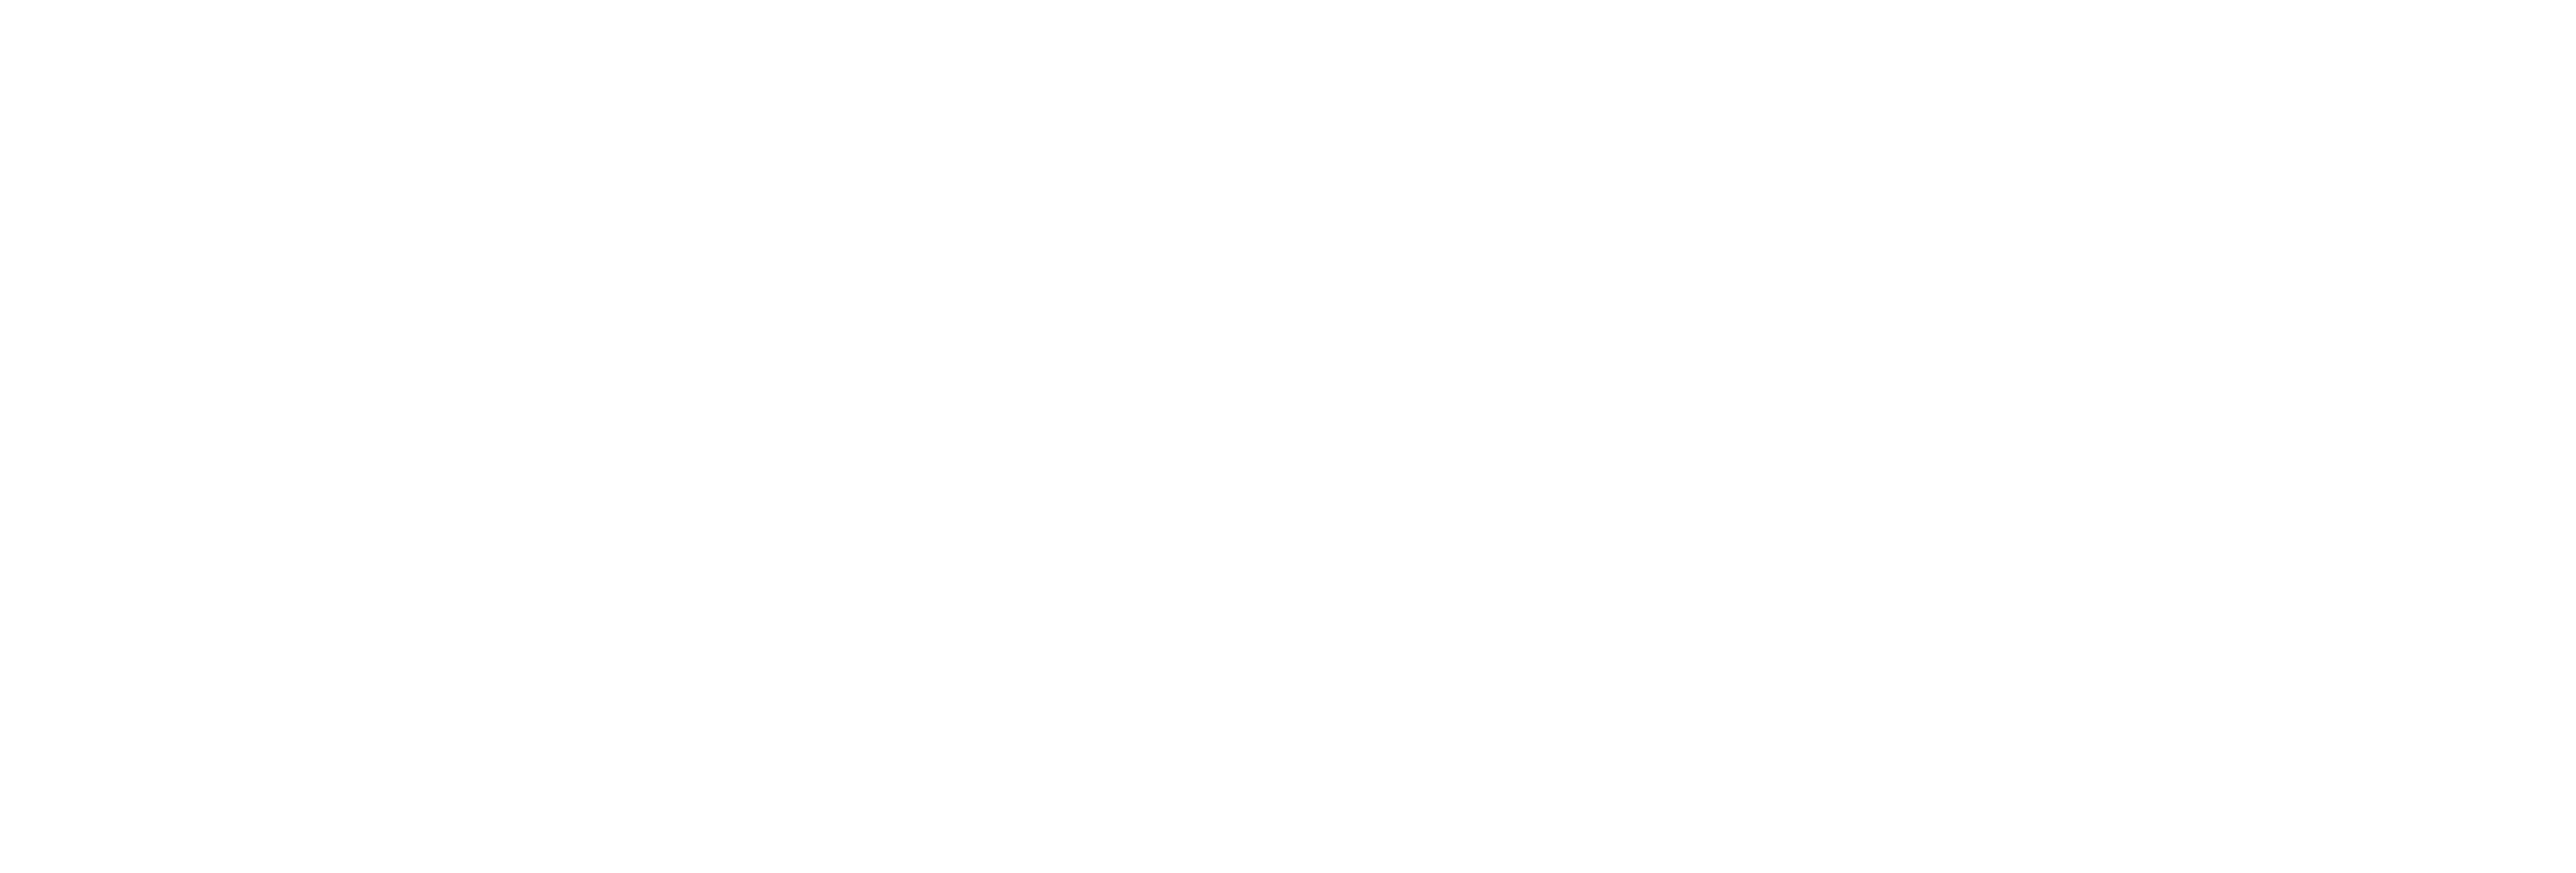 Adglow